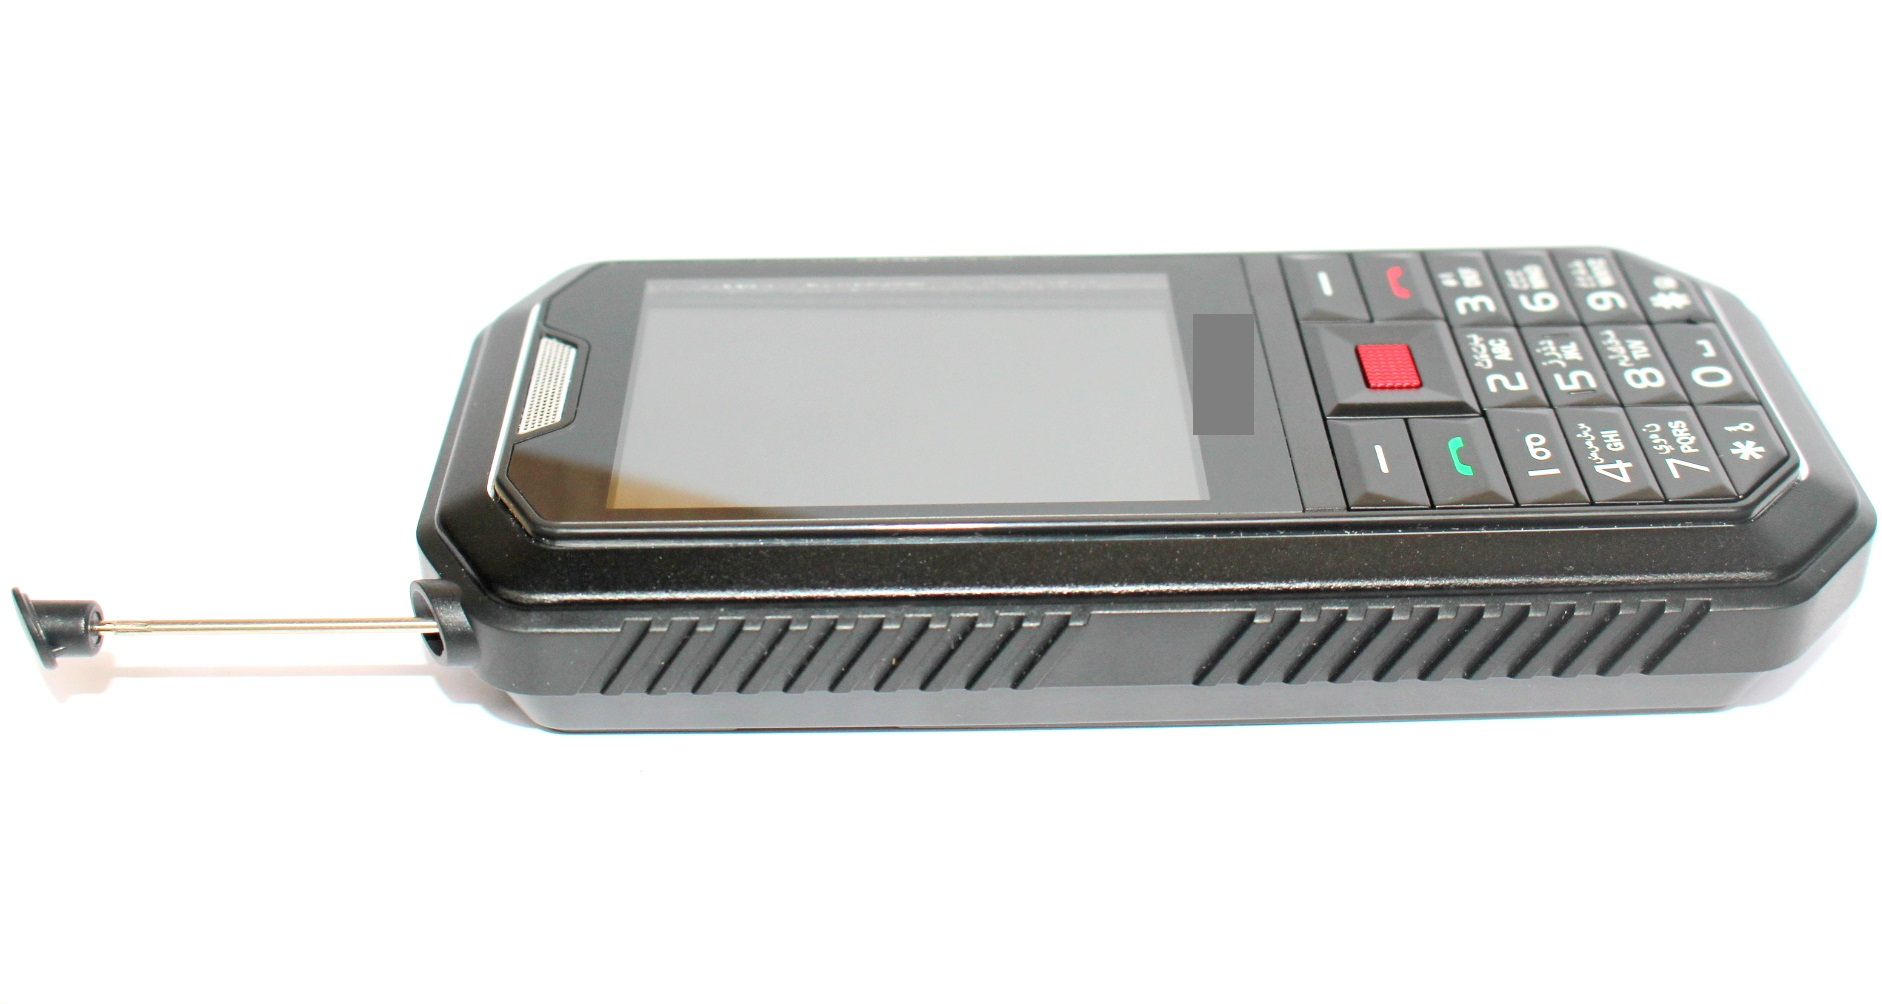 Điện thoại pin khủng S68